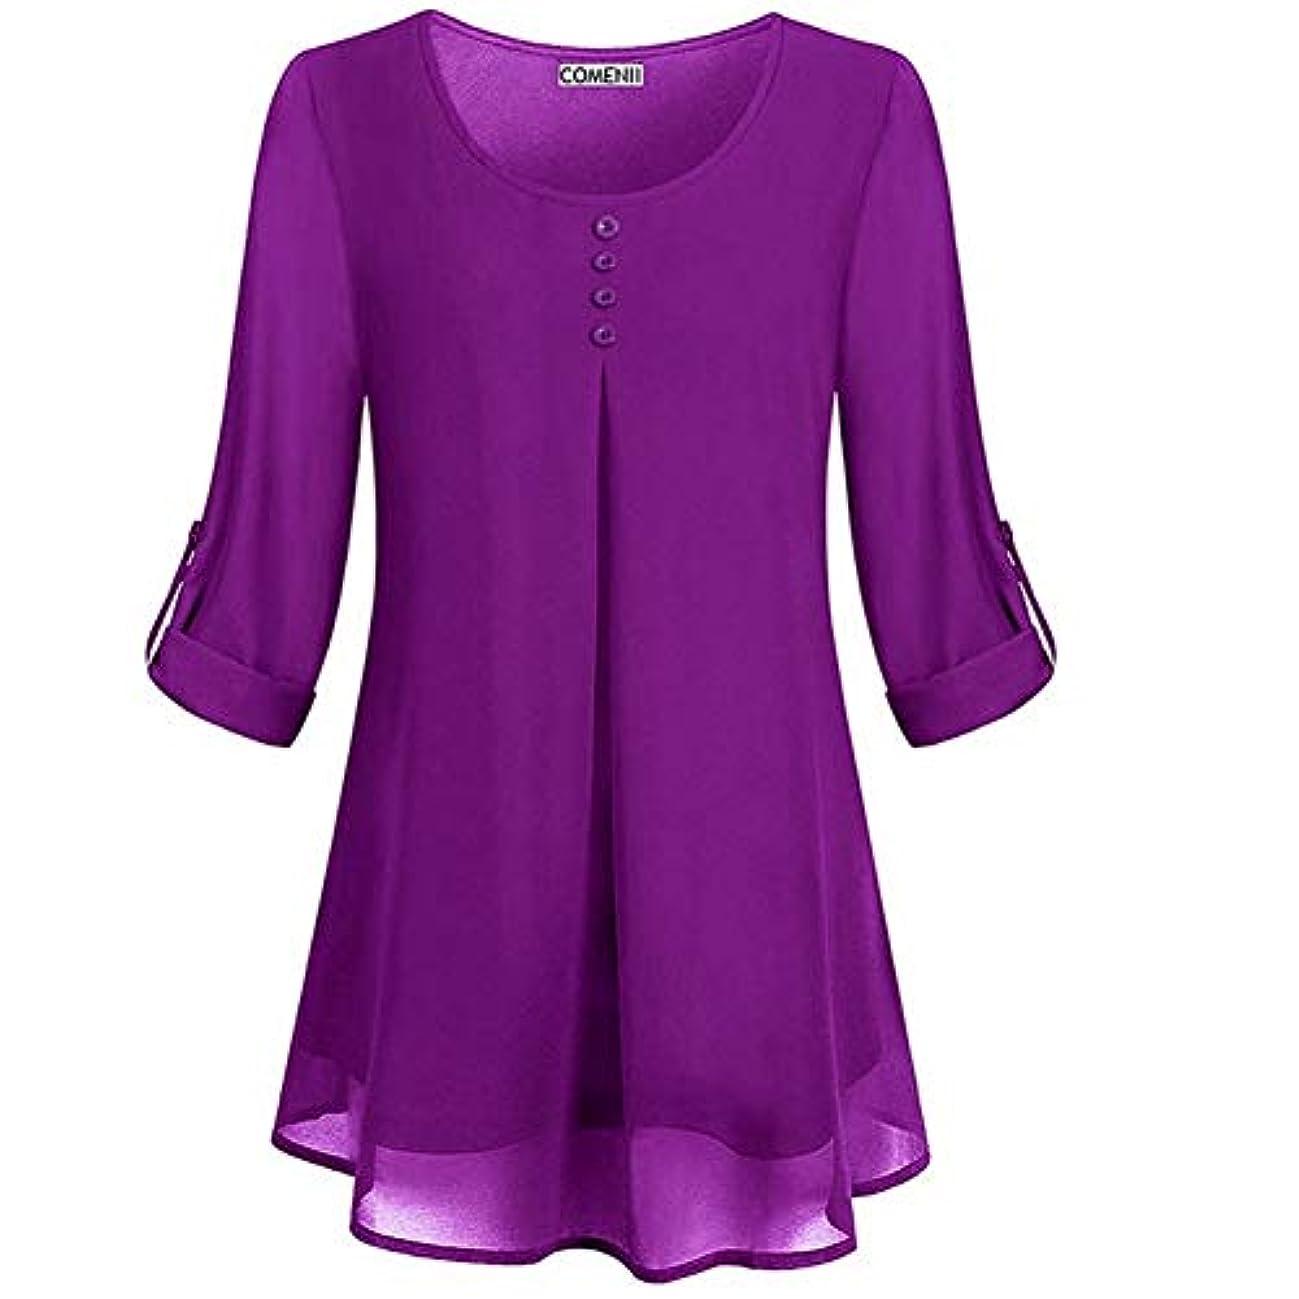 陽気な割り当てますキャメルMIFAN の女性のドレスカジュアルな不規則なドレスルースサマービーチTシャツドレス